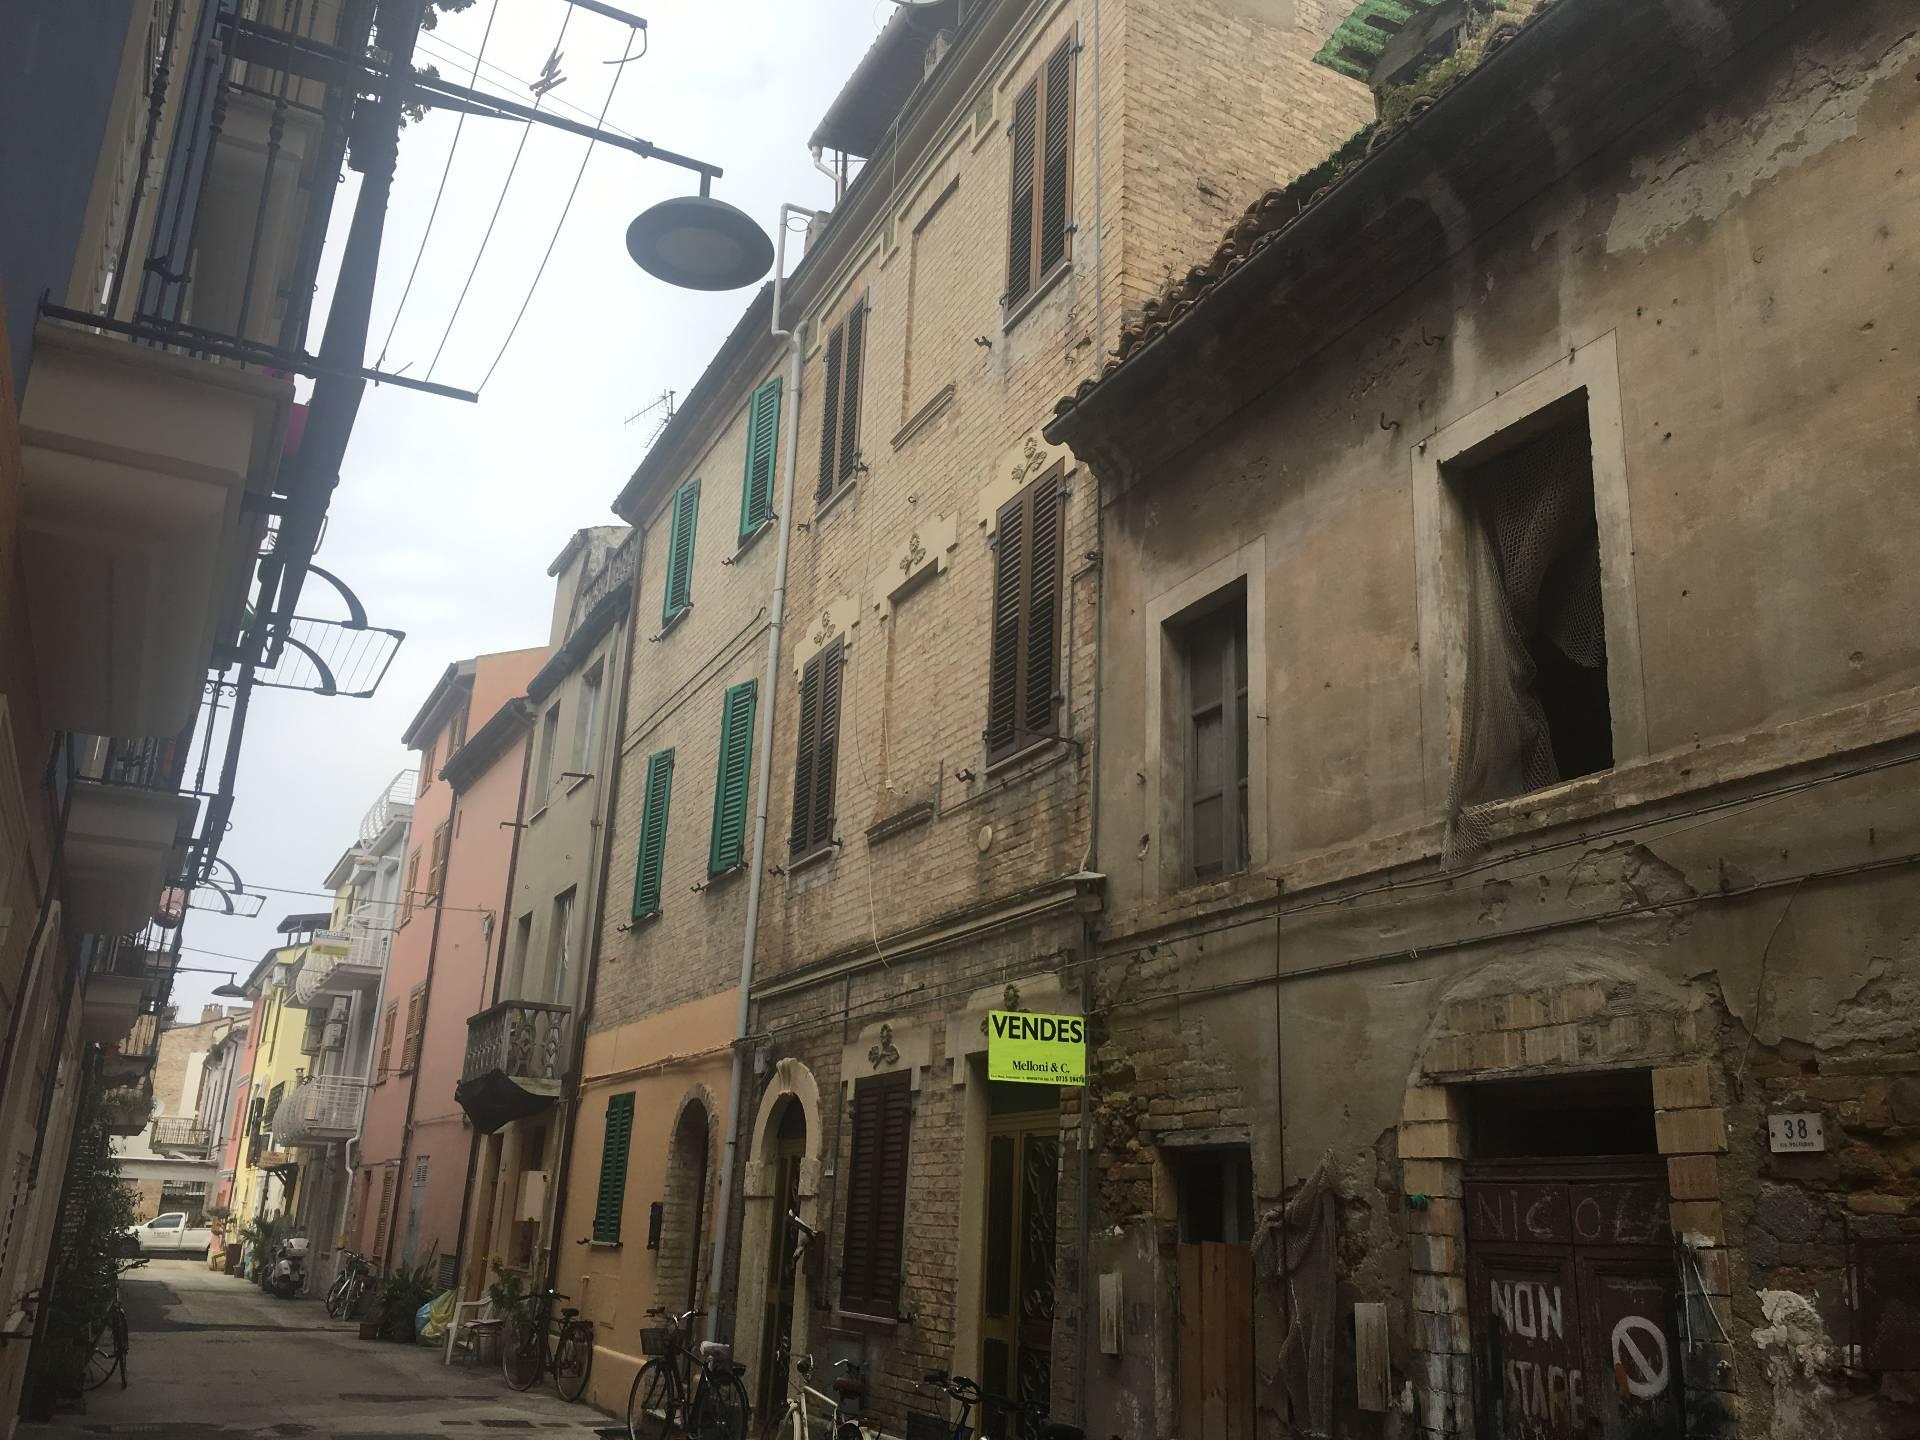 Soluzione Indipendente in vendita a San Benedetto del Tronto, 5 locali, zona Località: Centralissima, prezzo € 150.000 | CambioCasa.it